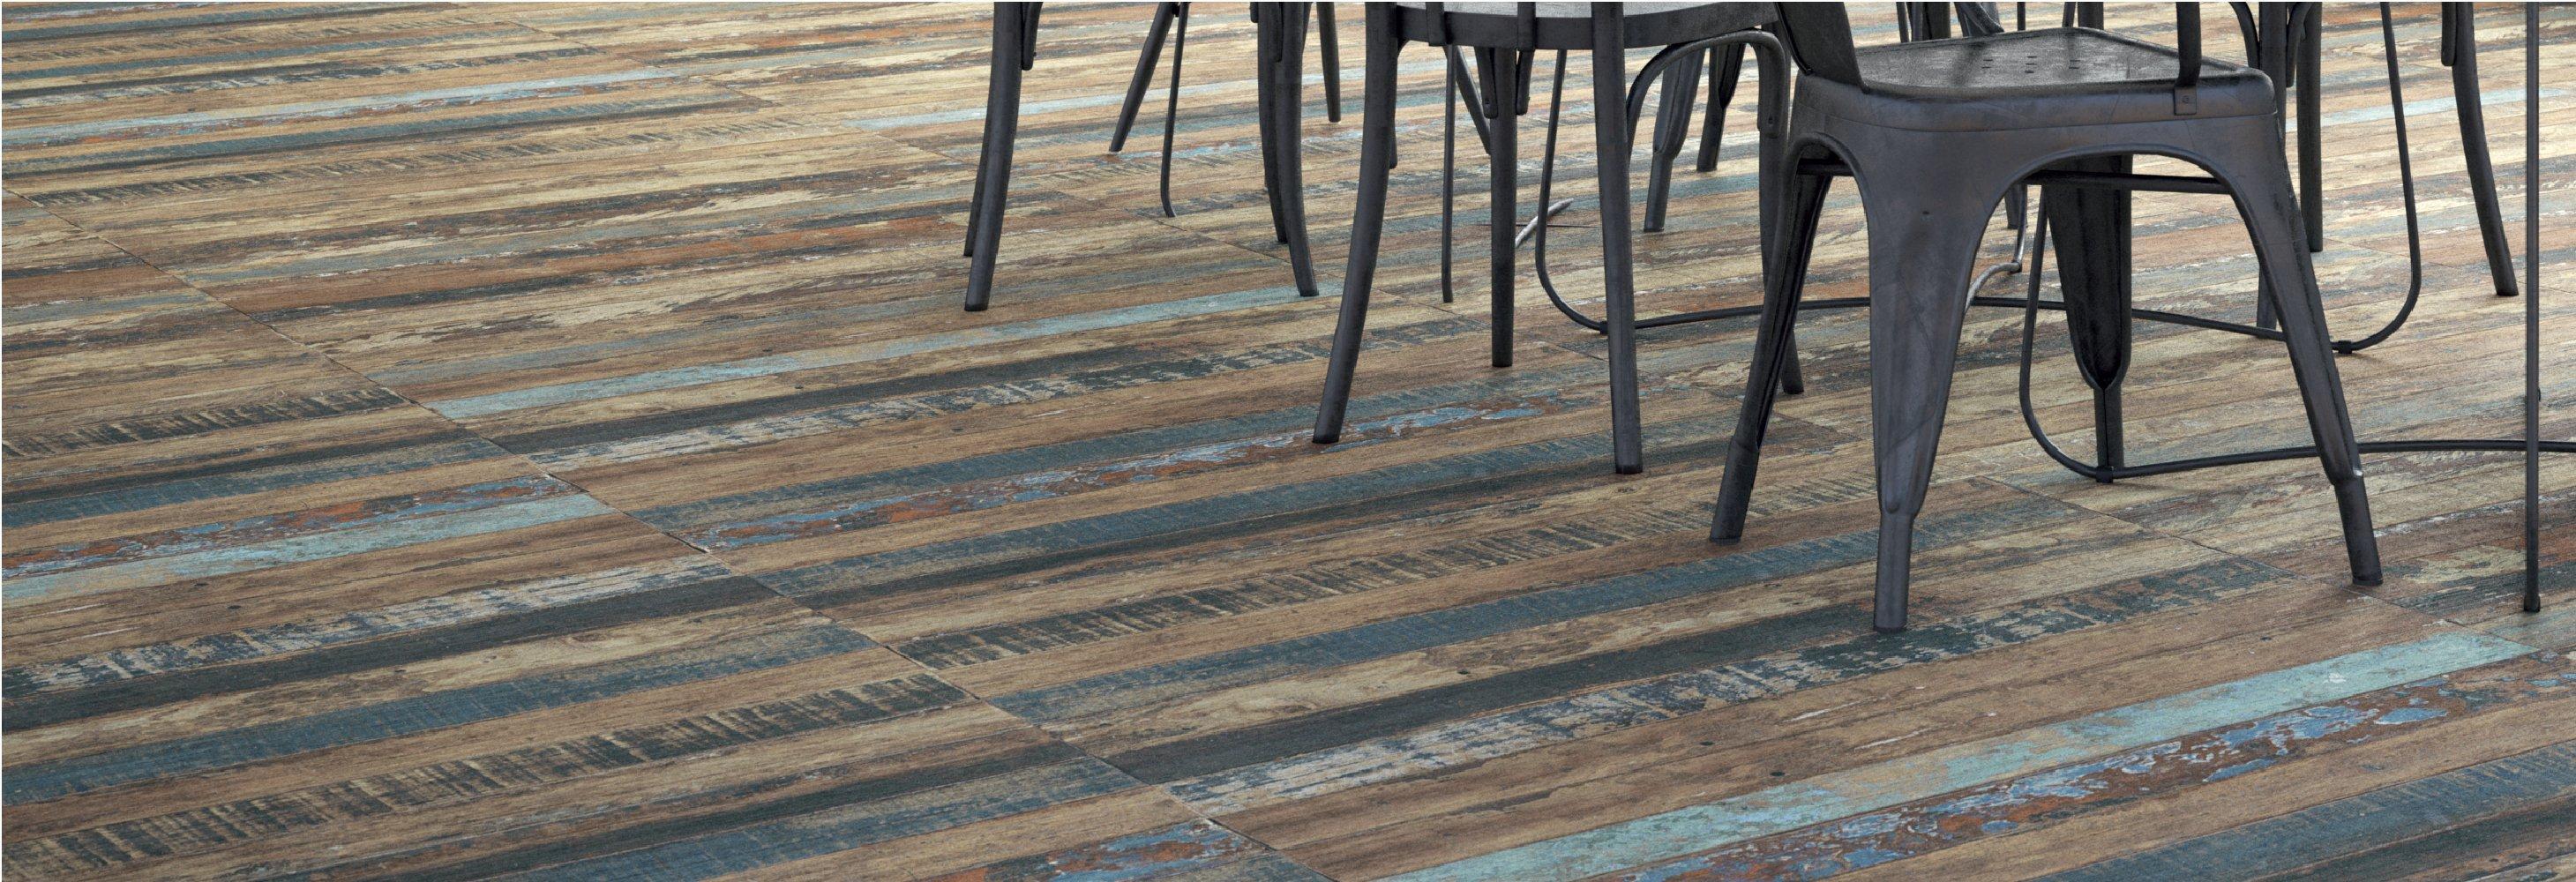 Hardwood Flooring Blog Of Tile Flooring that Looks Like Wood Ceramic Tile Wood Floors S Media Intended for Tile Flooring that Looks Like Wood Wood Look Plank Tile Flooring that Looks Like O